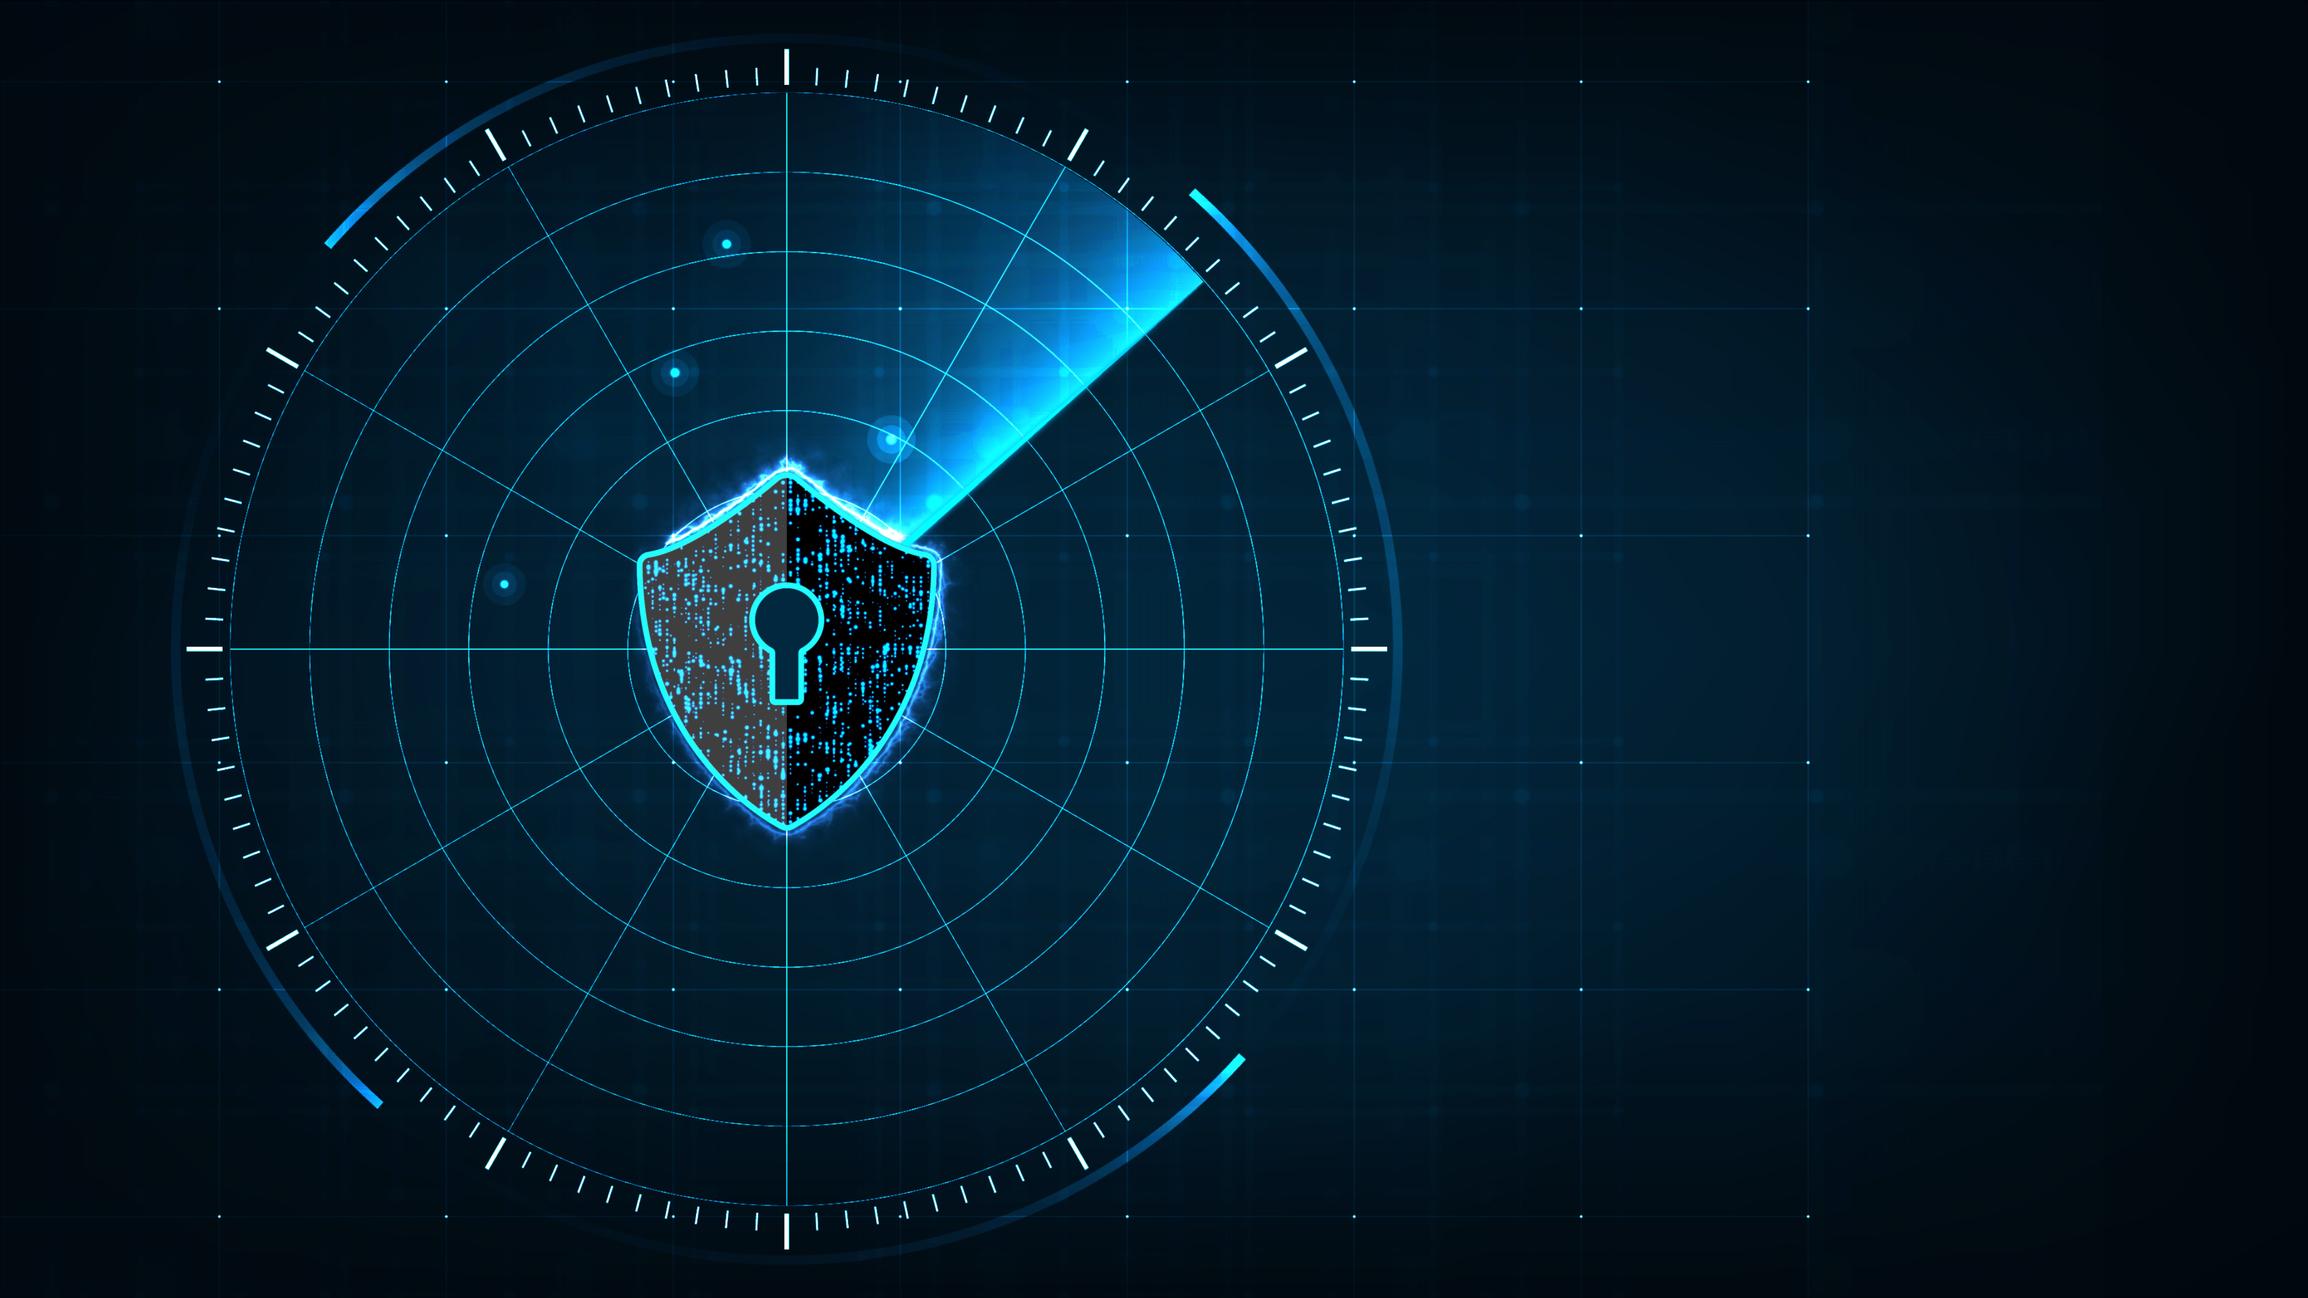 4 Ways to Improve Nessus Scans Through Firewalls